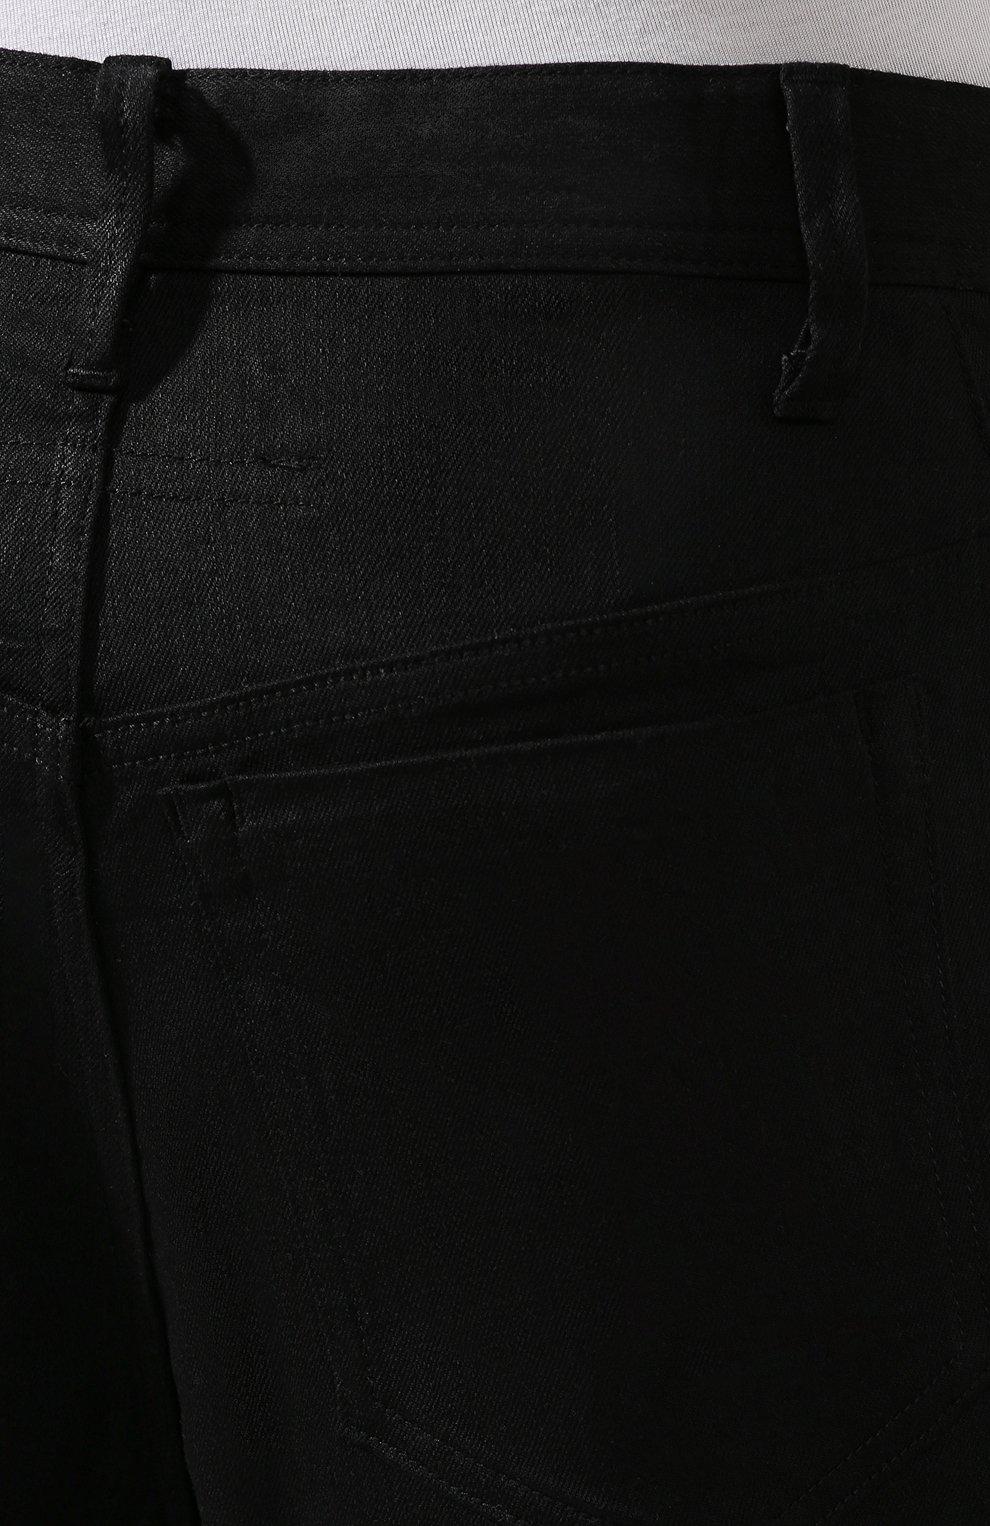 Джинсы Julius черные   Фото №5